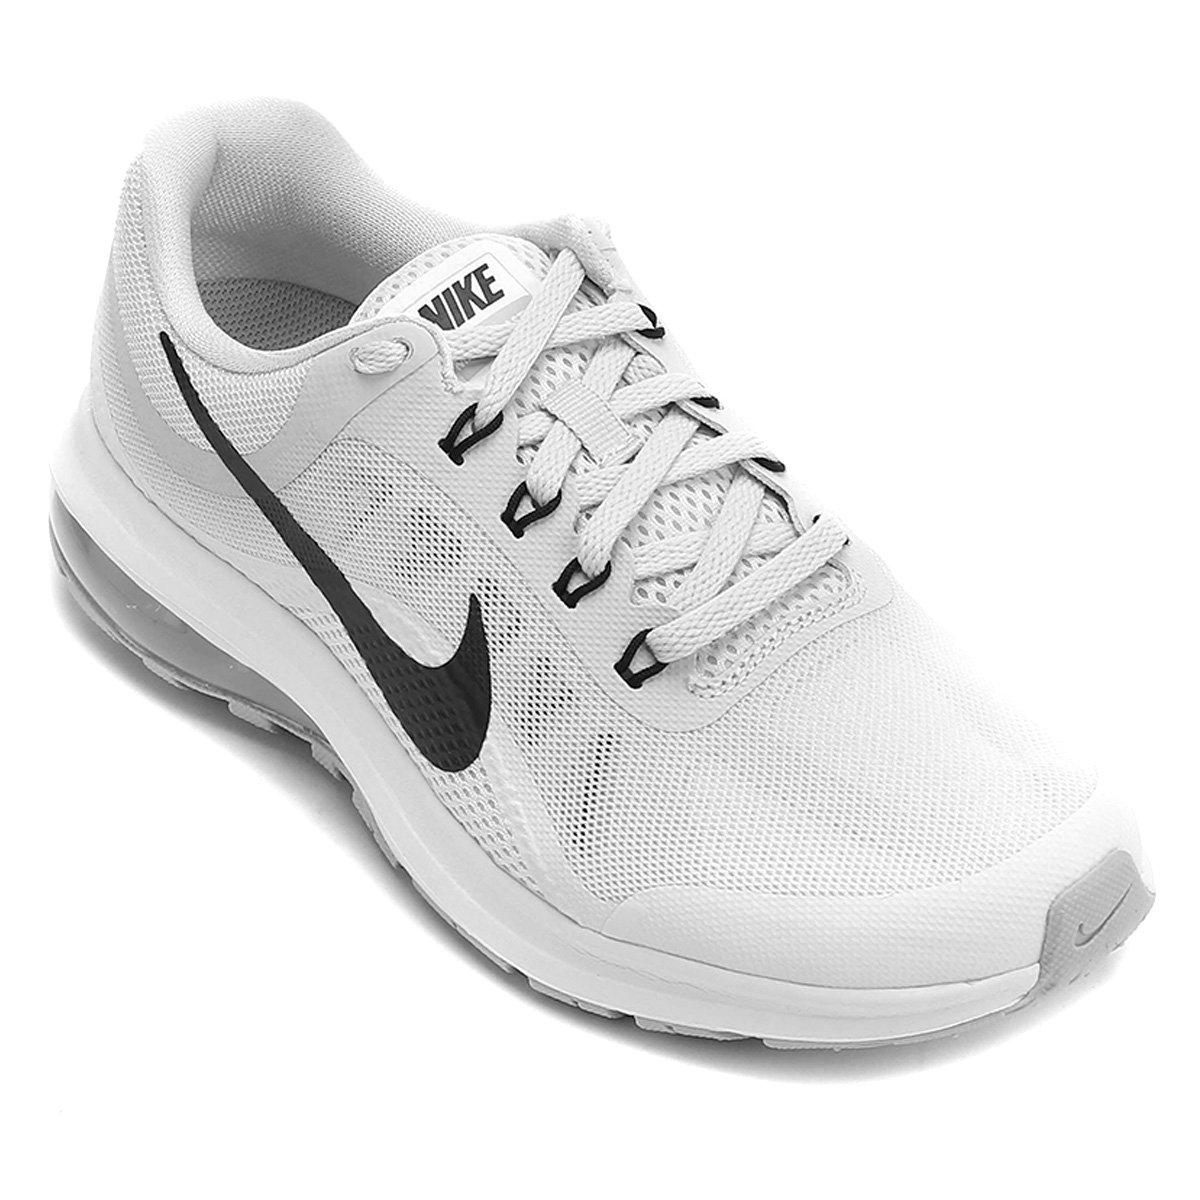 de6f69abe255e Tênis Nike Air Max Dynasty 2 Feminino - Branco e Preto - Compre Agora